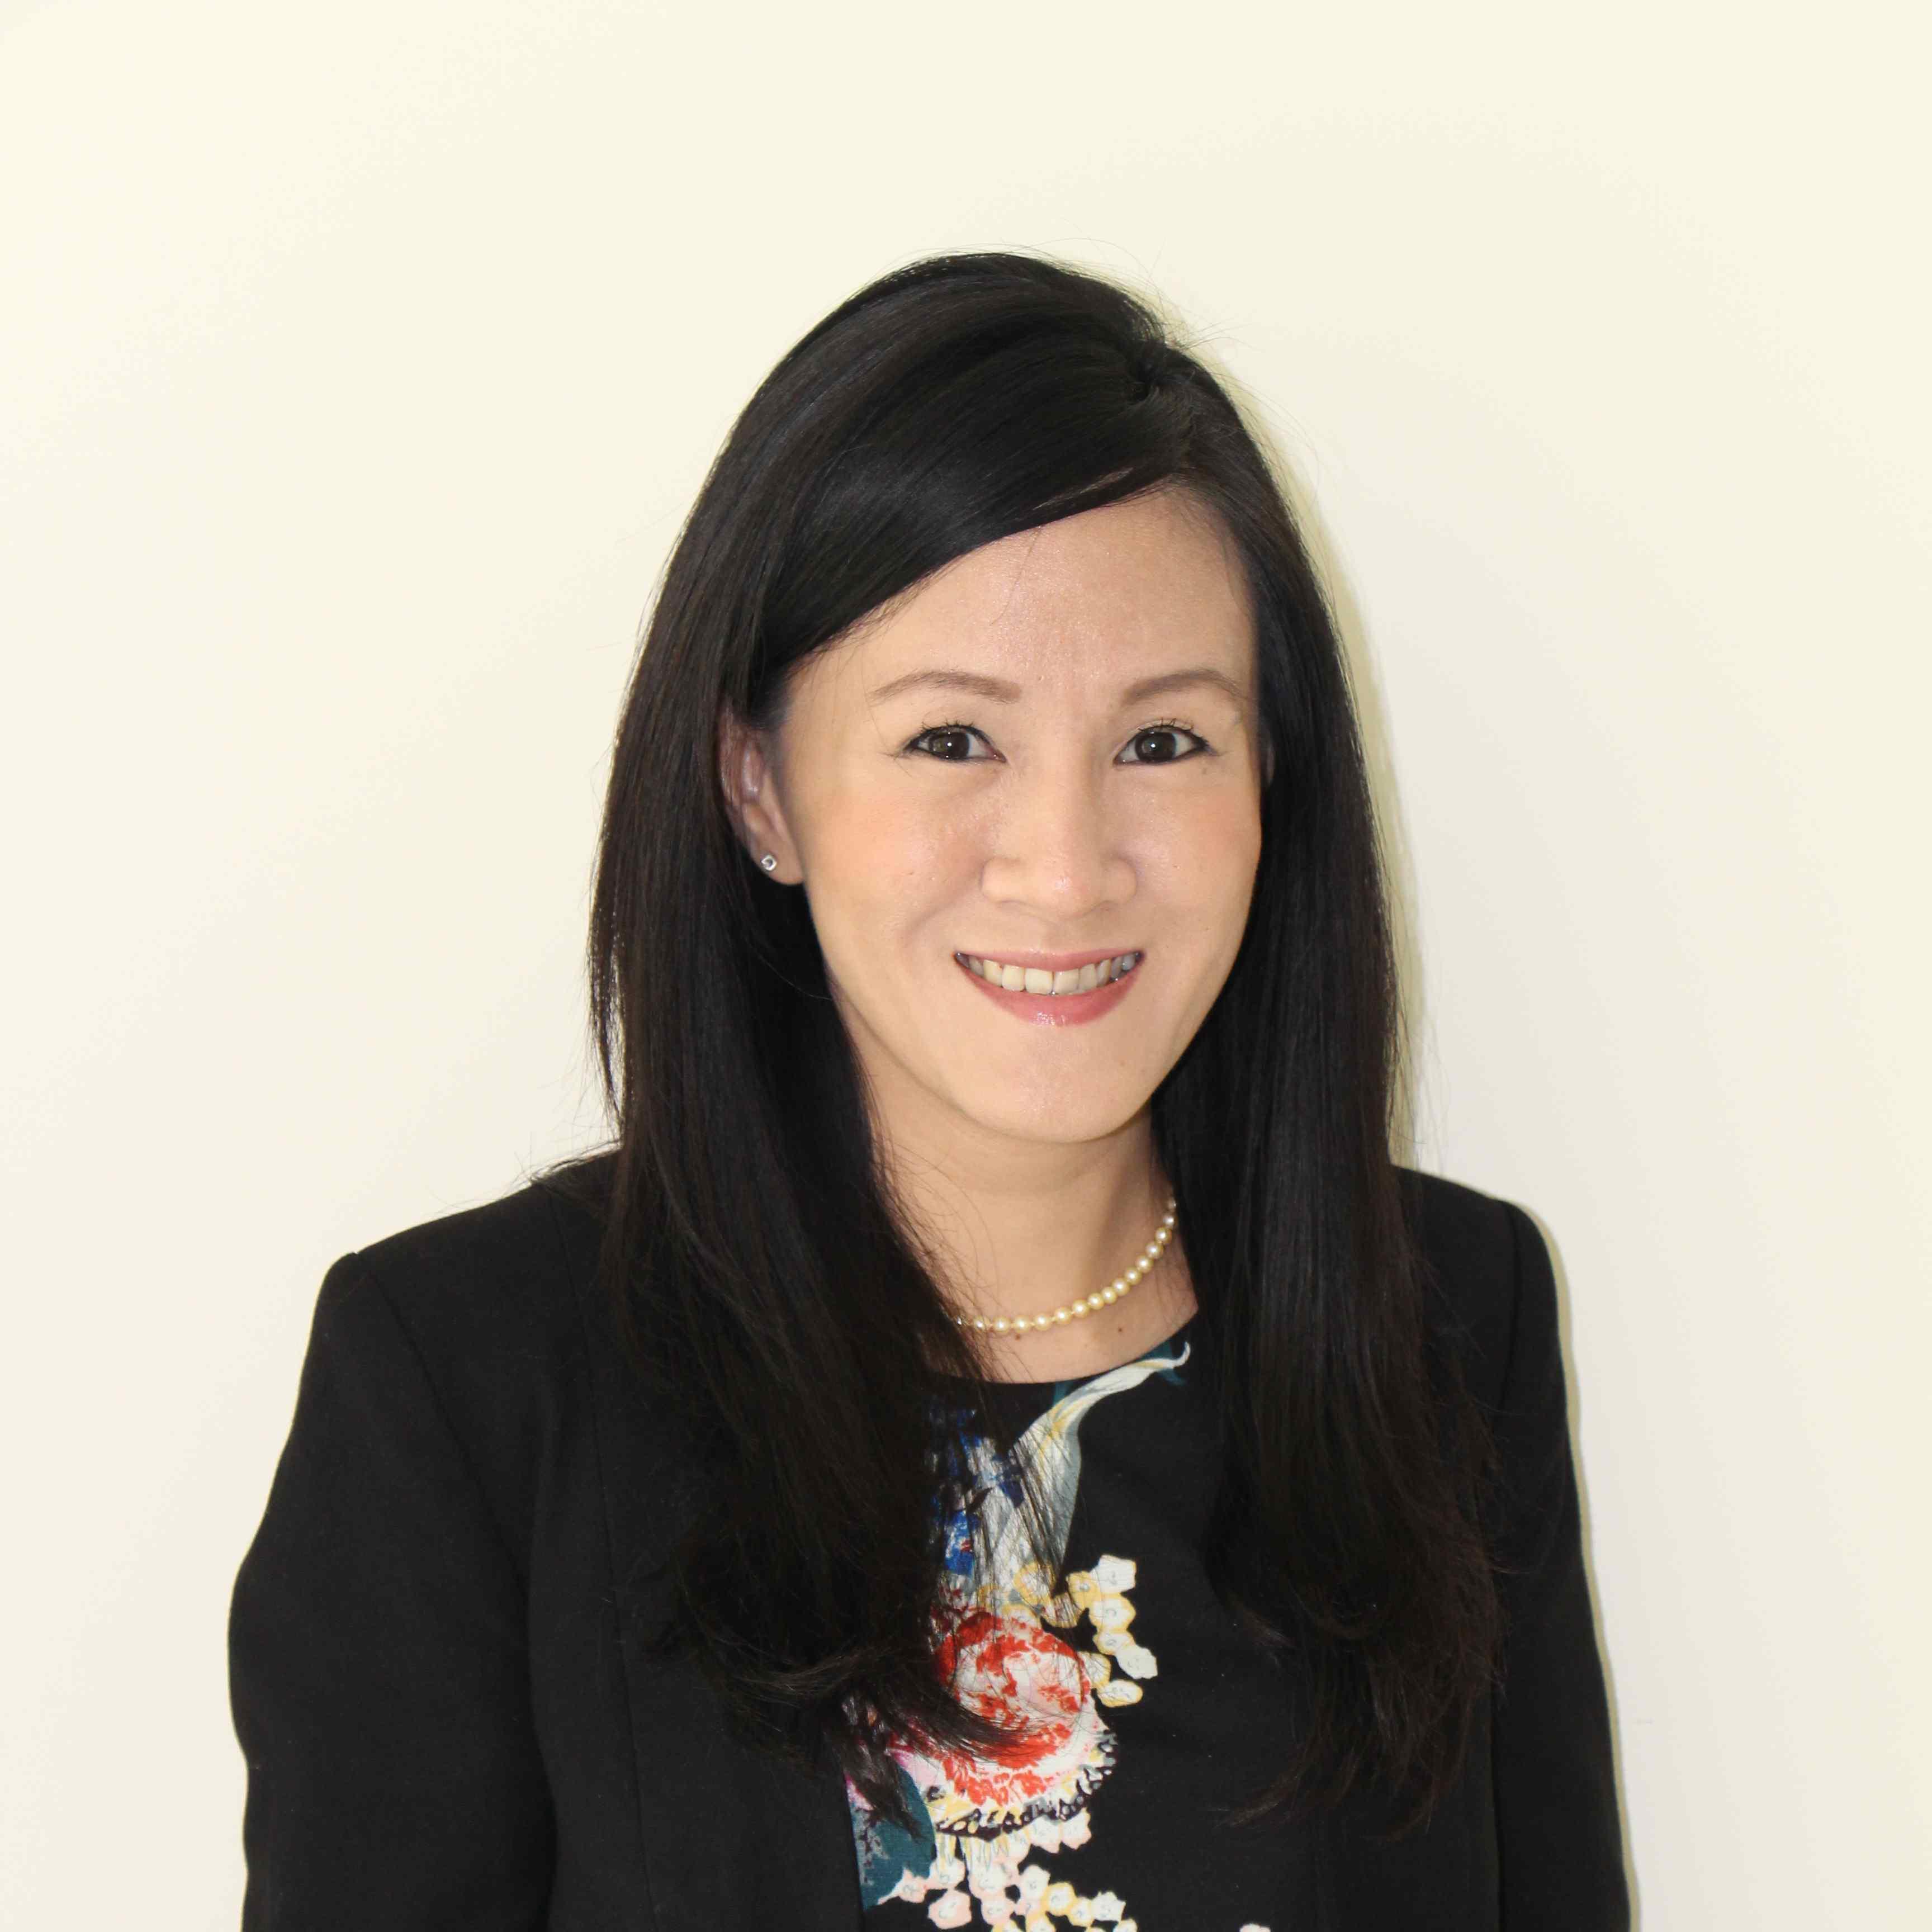 Phui Har Lim